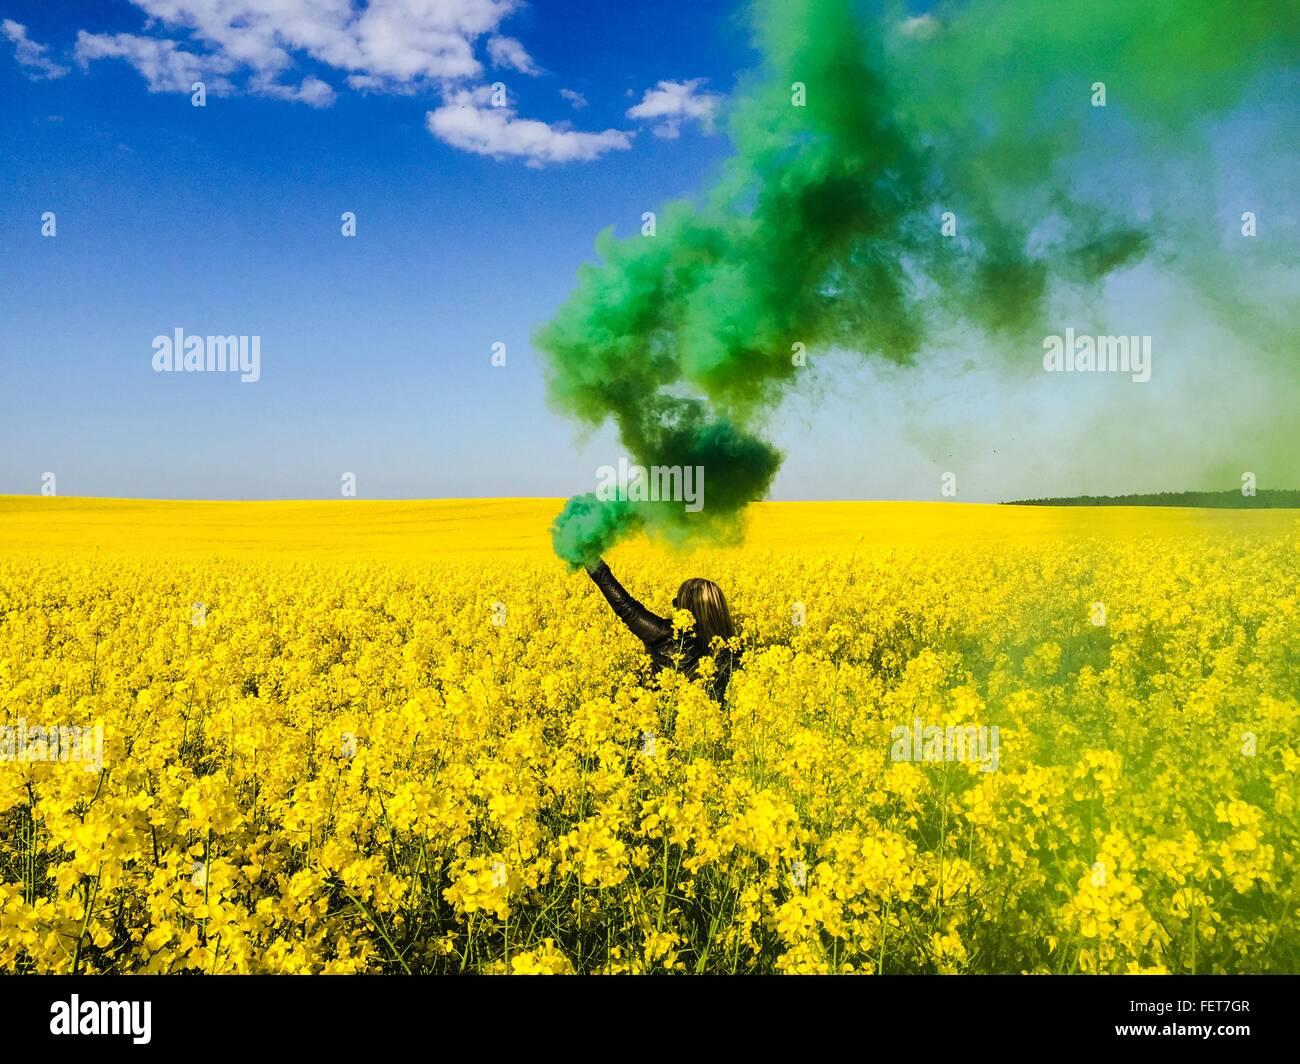 Grüner Rauch ausstoßen von Frau Hand mit Distress Flare auf Raps Feld Stockbild